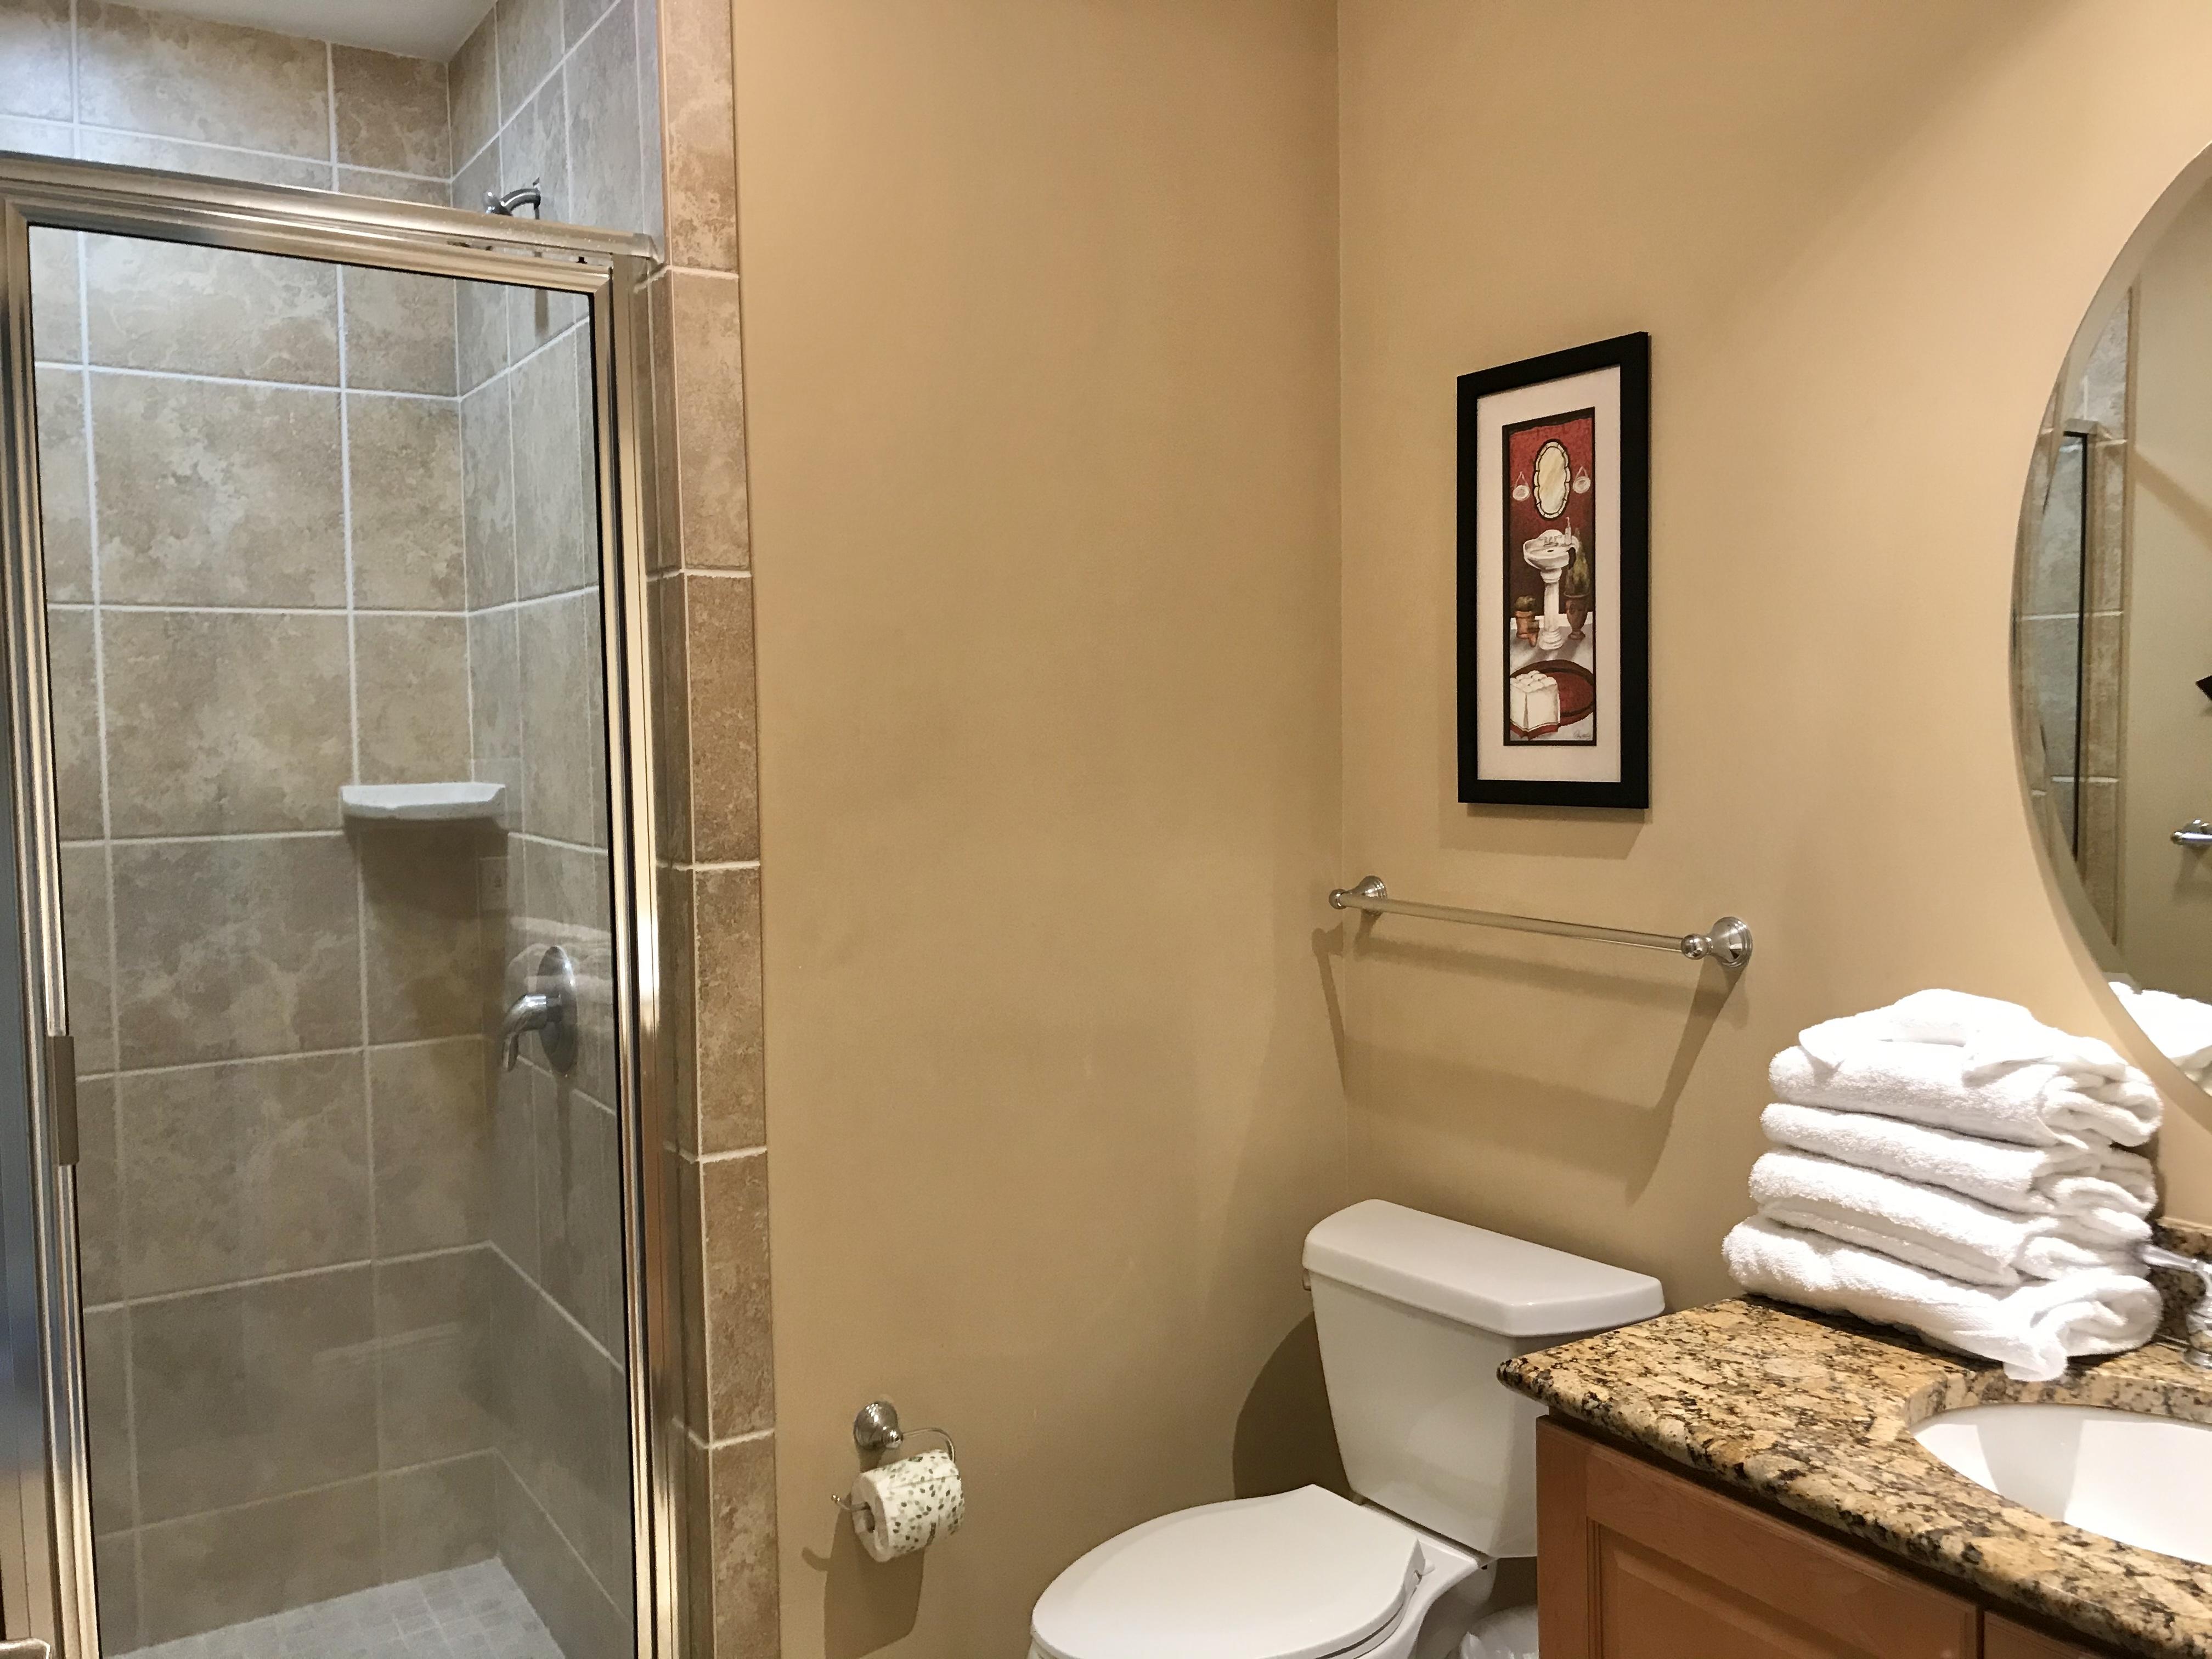 Mustique 401 Condo rental in Mustique in Gulf Shores Alabama - #44